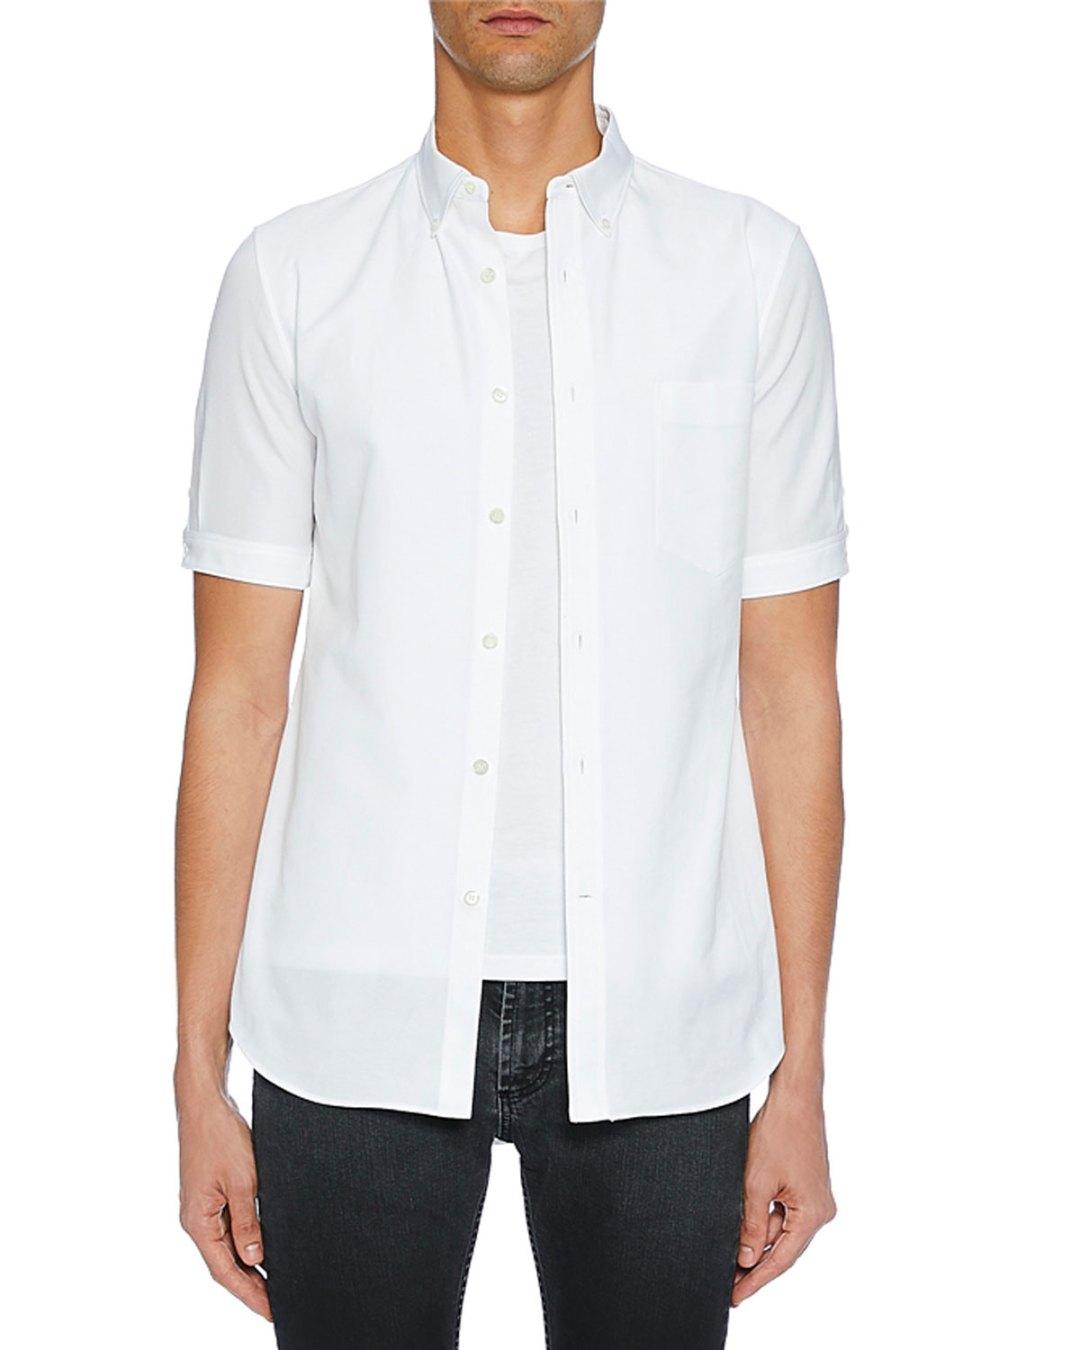 5f3a143531d Neiman Marcus – Men s Short-Sleeve Button-Up Shirt –  665.00